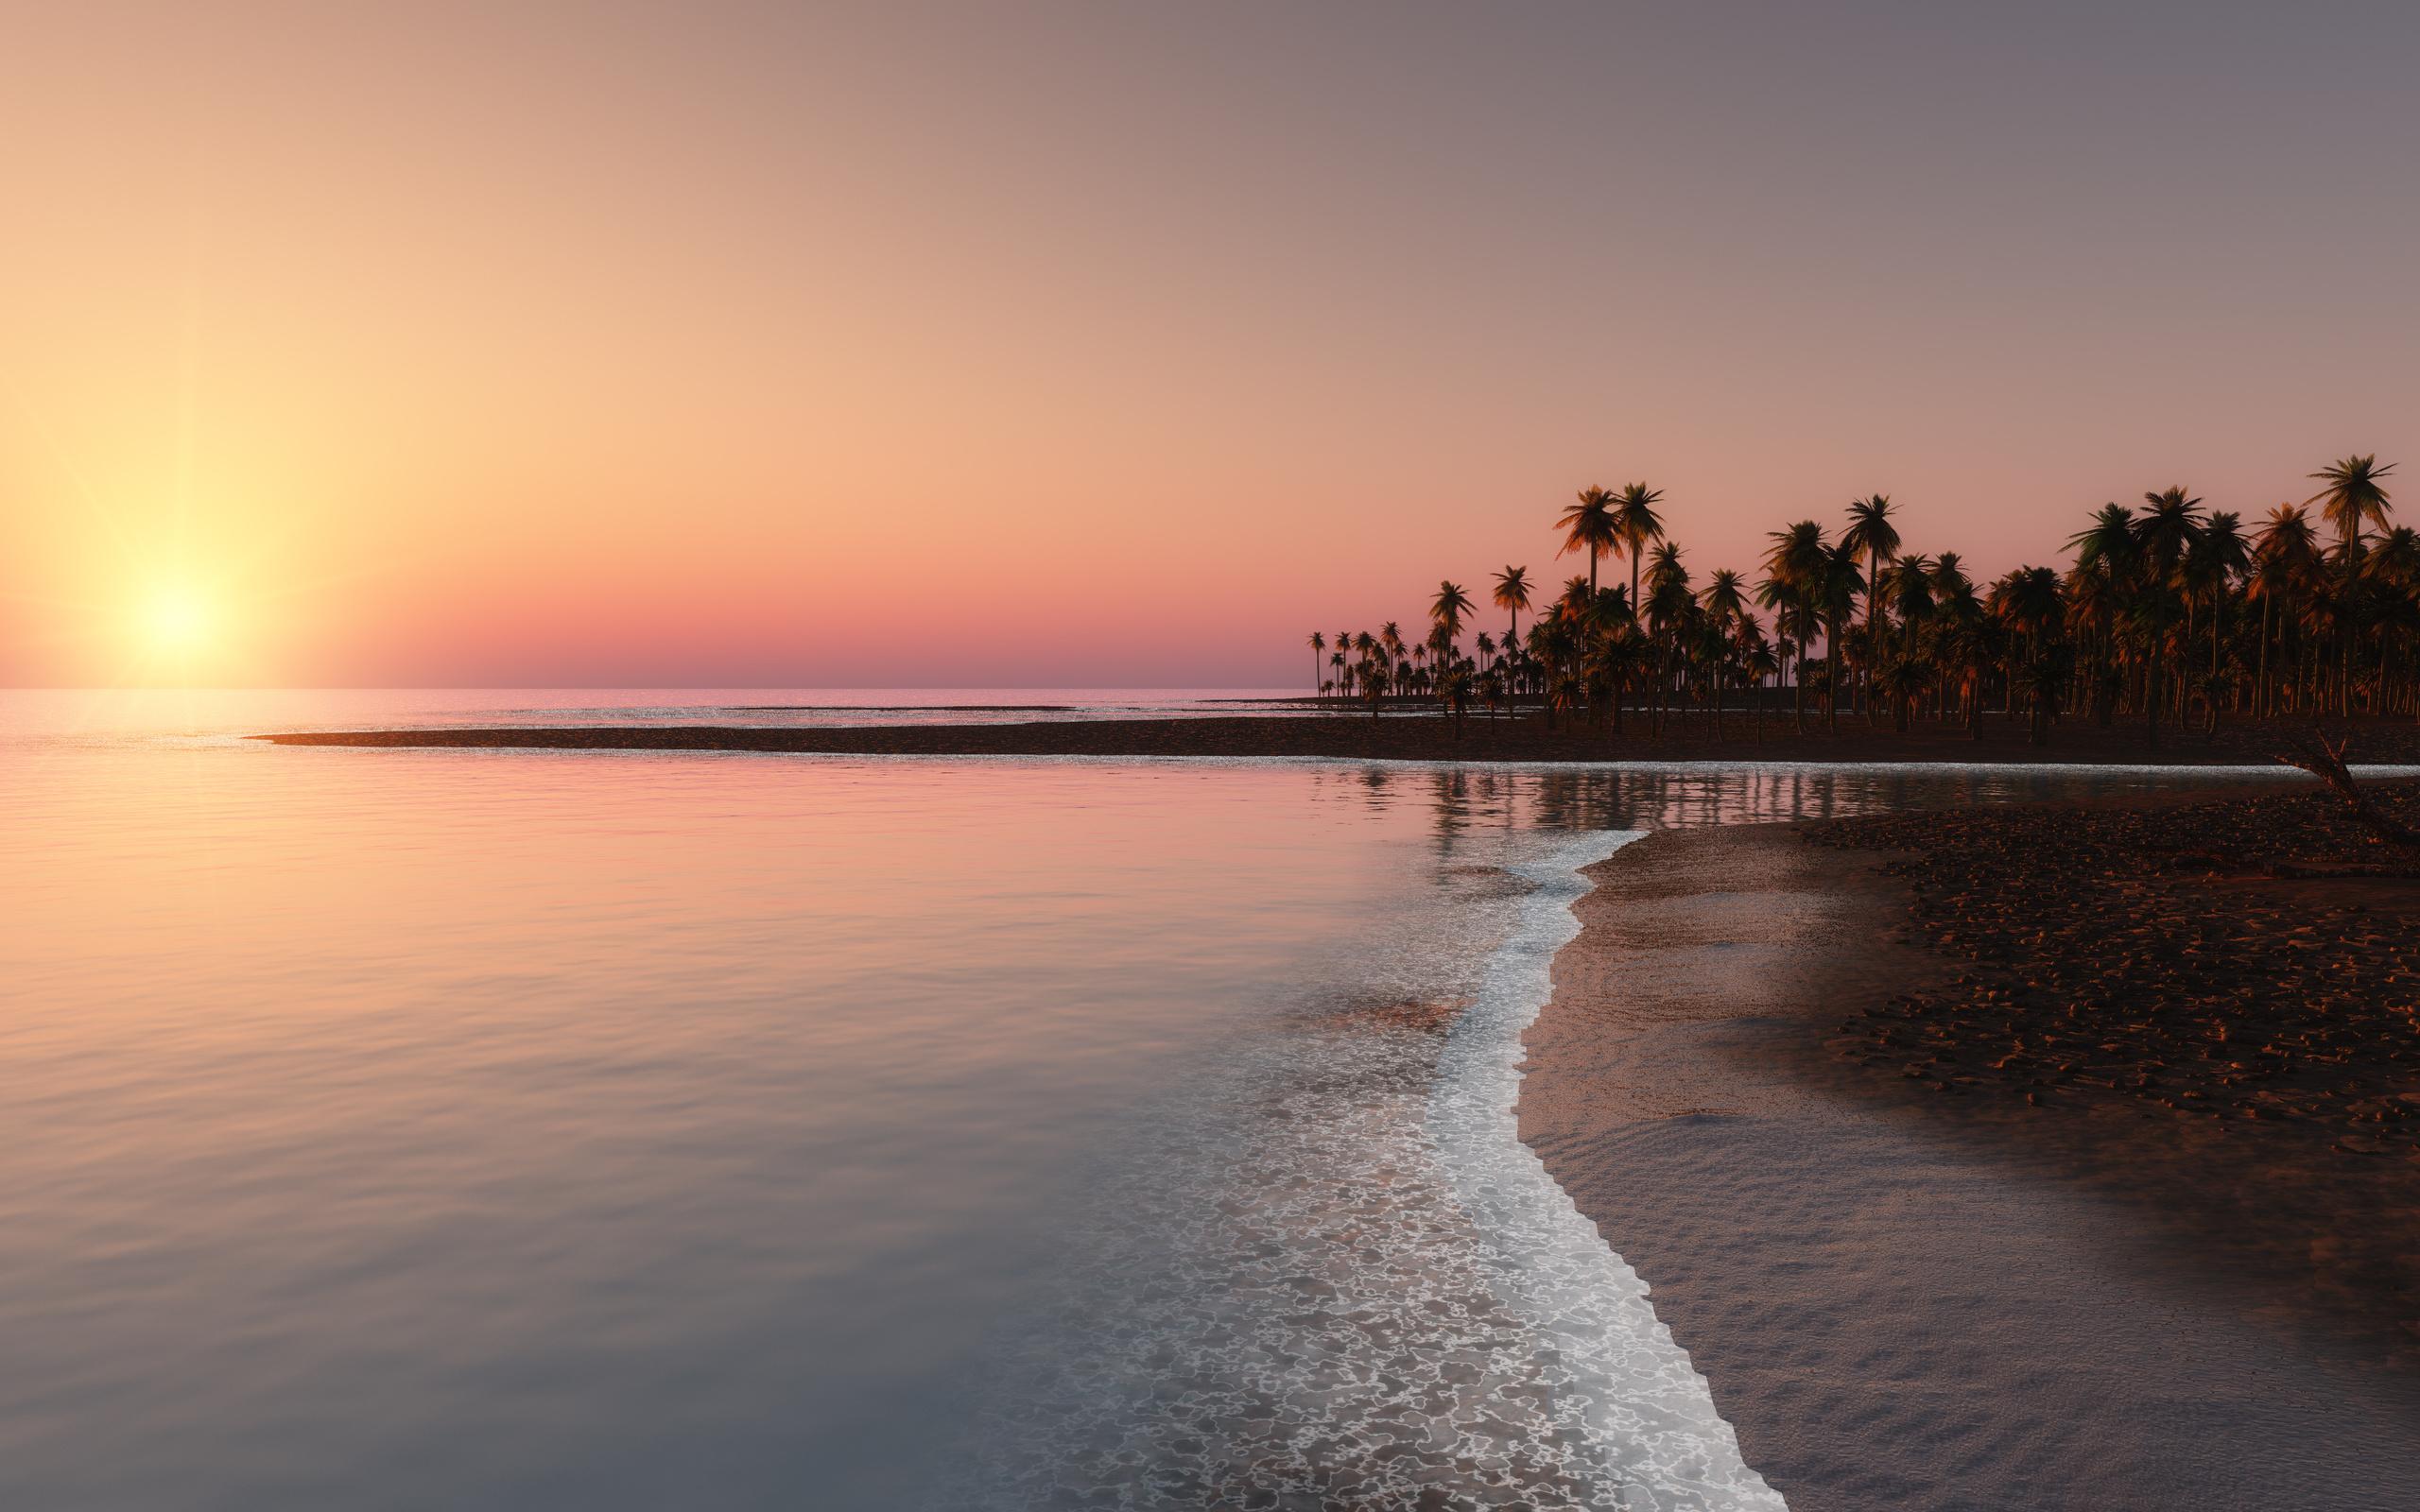 берег, розовый, закат, пальмы